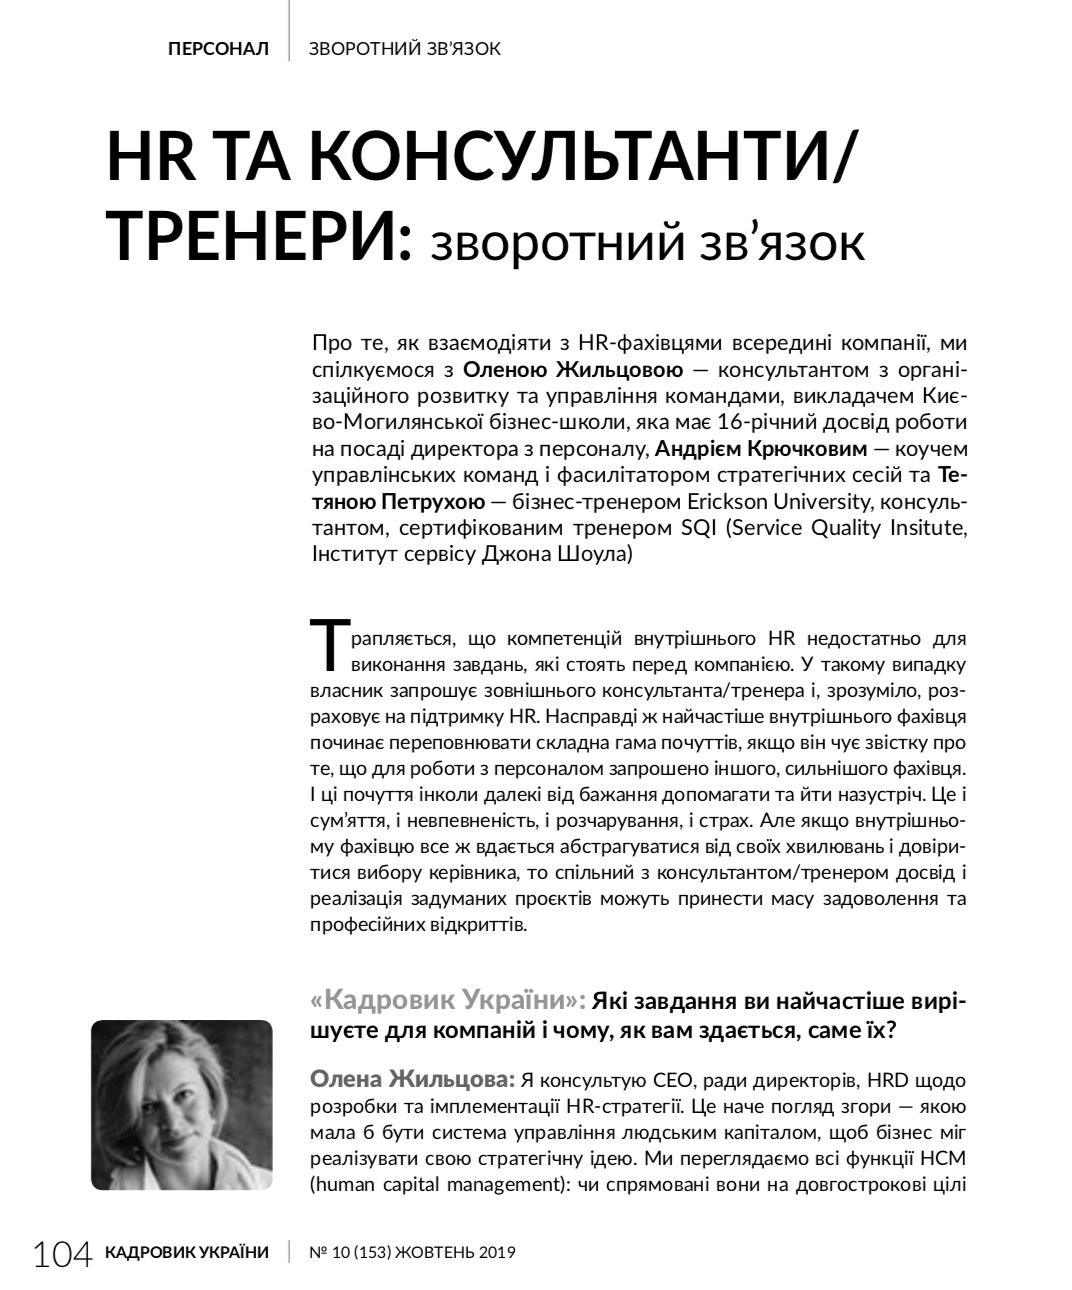 Стефановская Станислава, HR, обратная связь, развитие